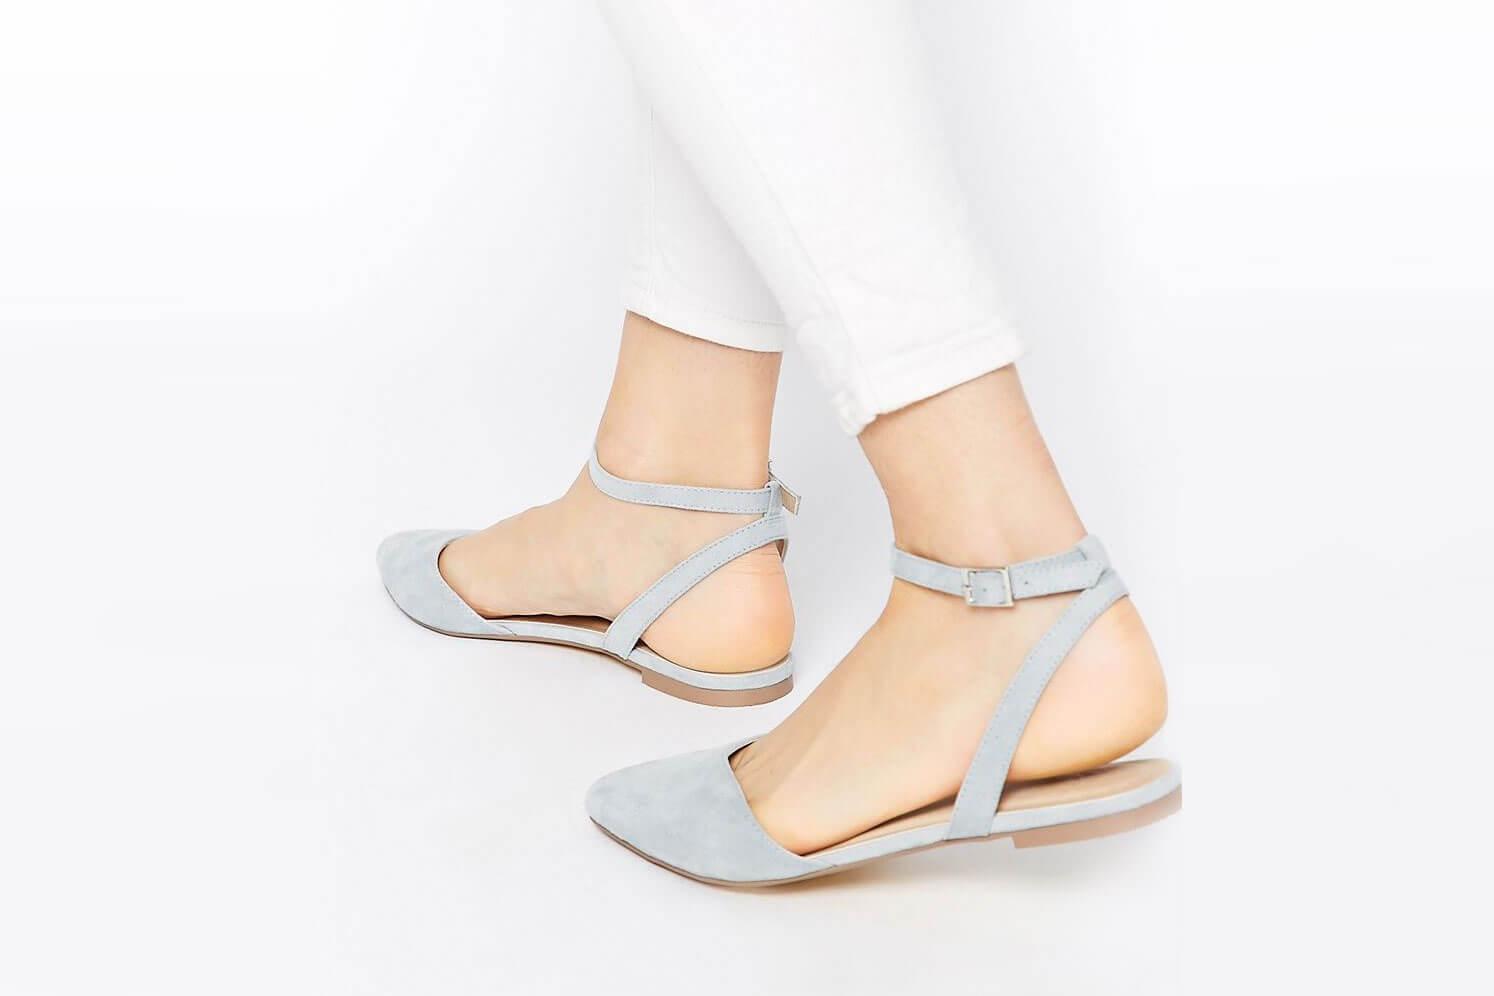 Footwears for Summer